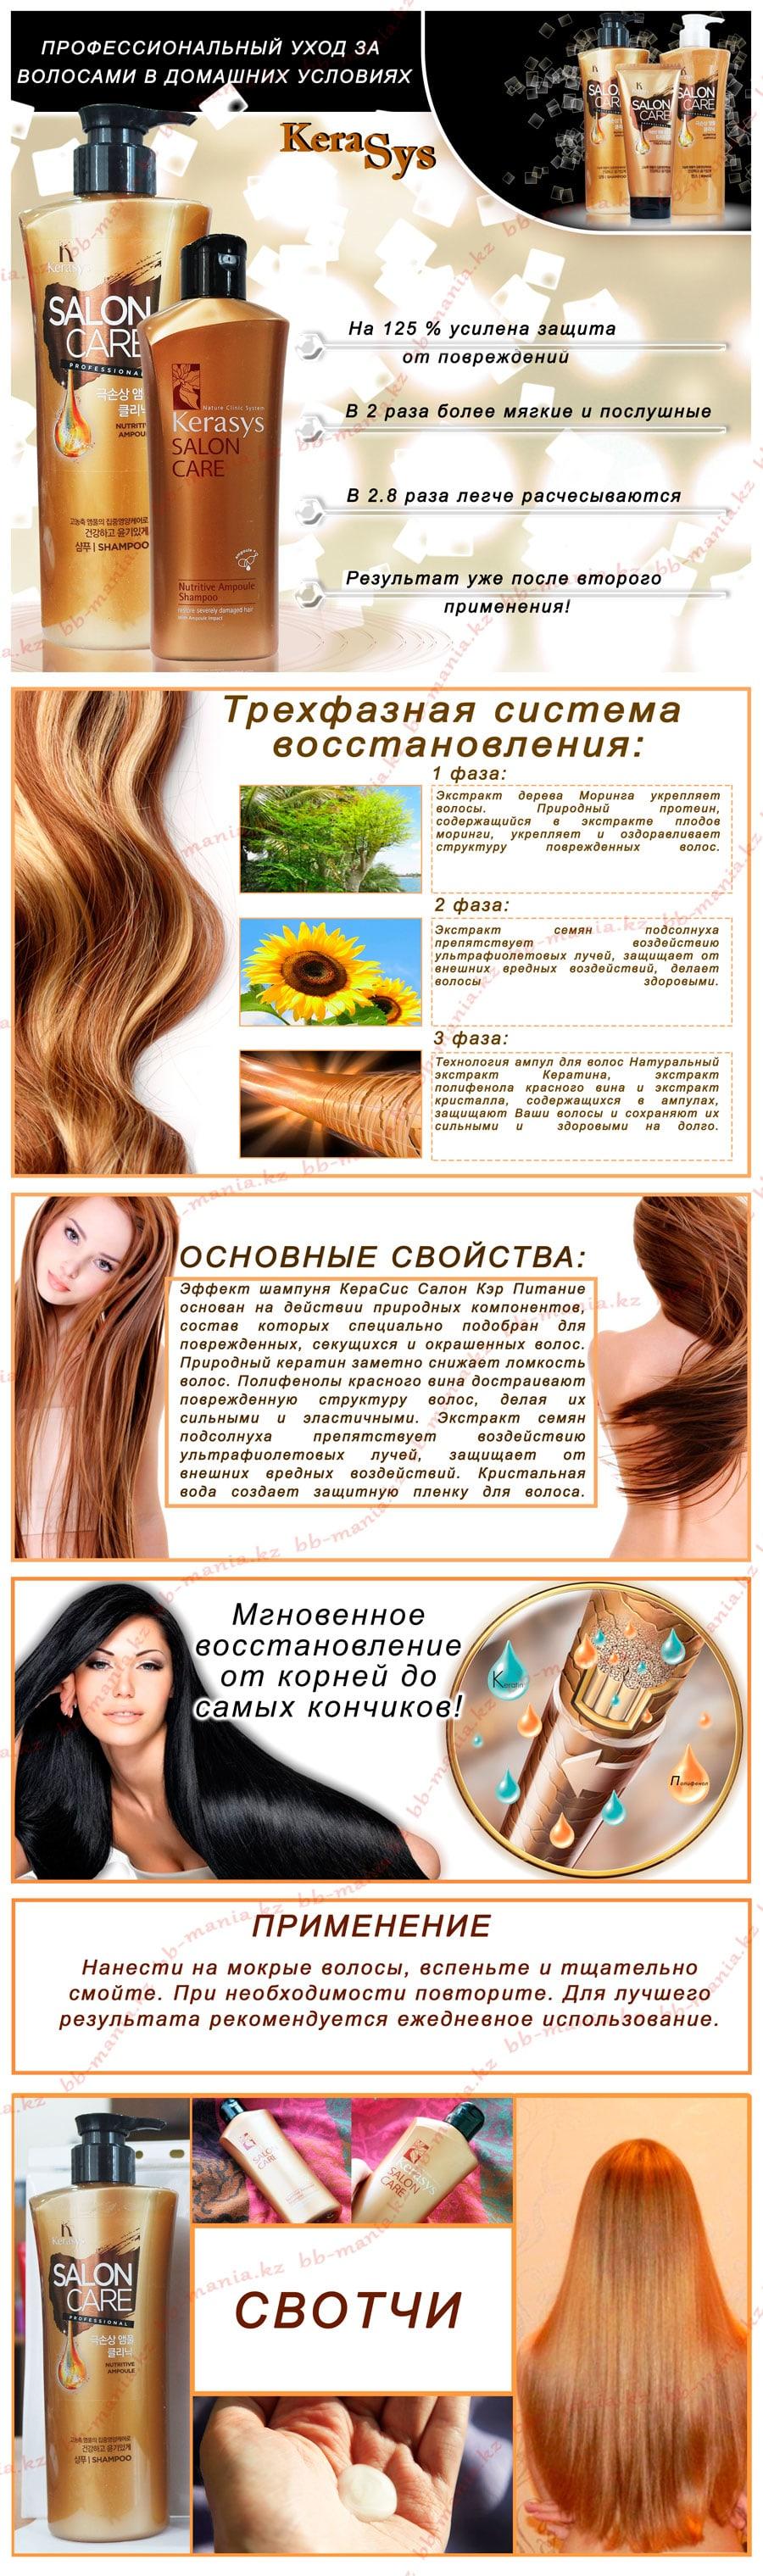 Уход за волосами в домашних условиях после завивки 516